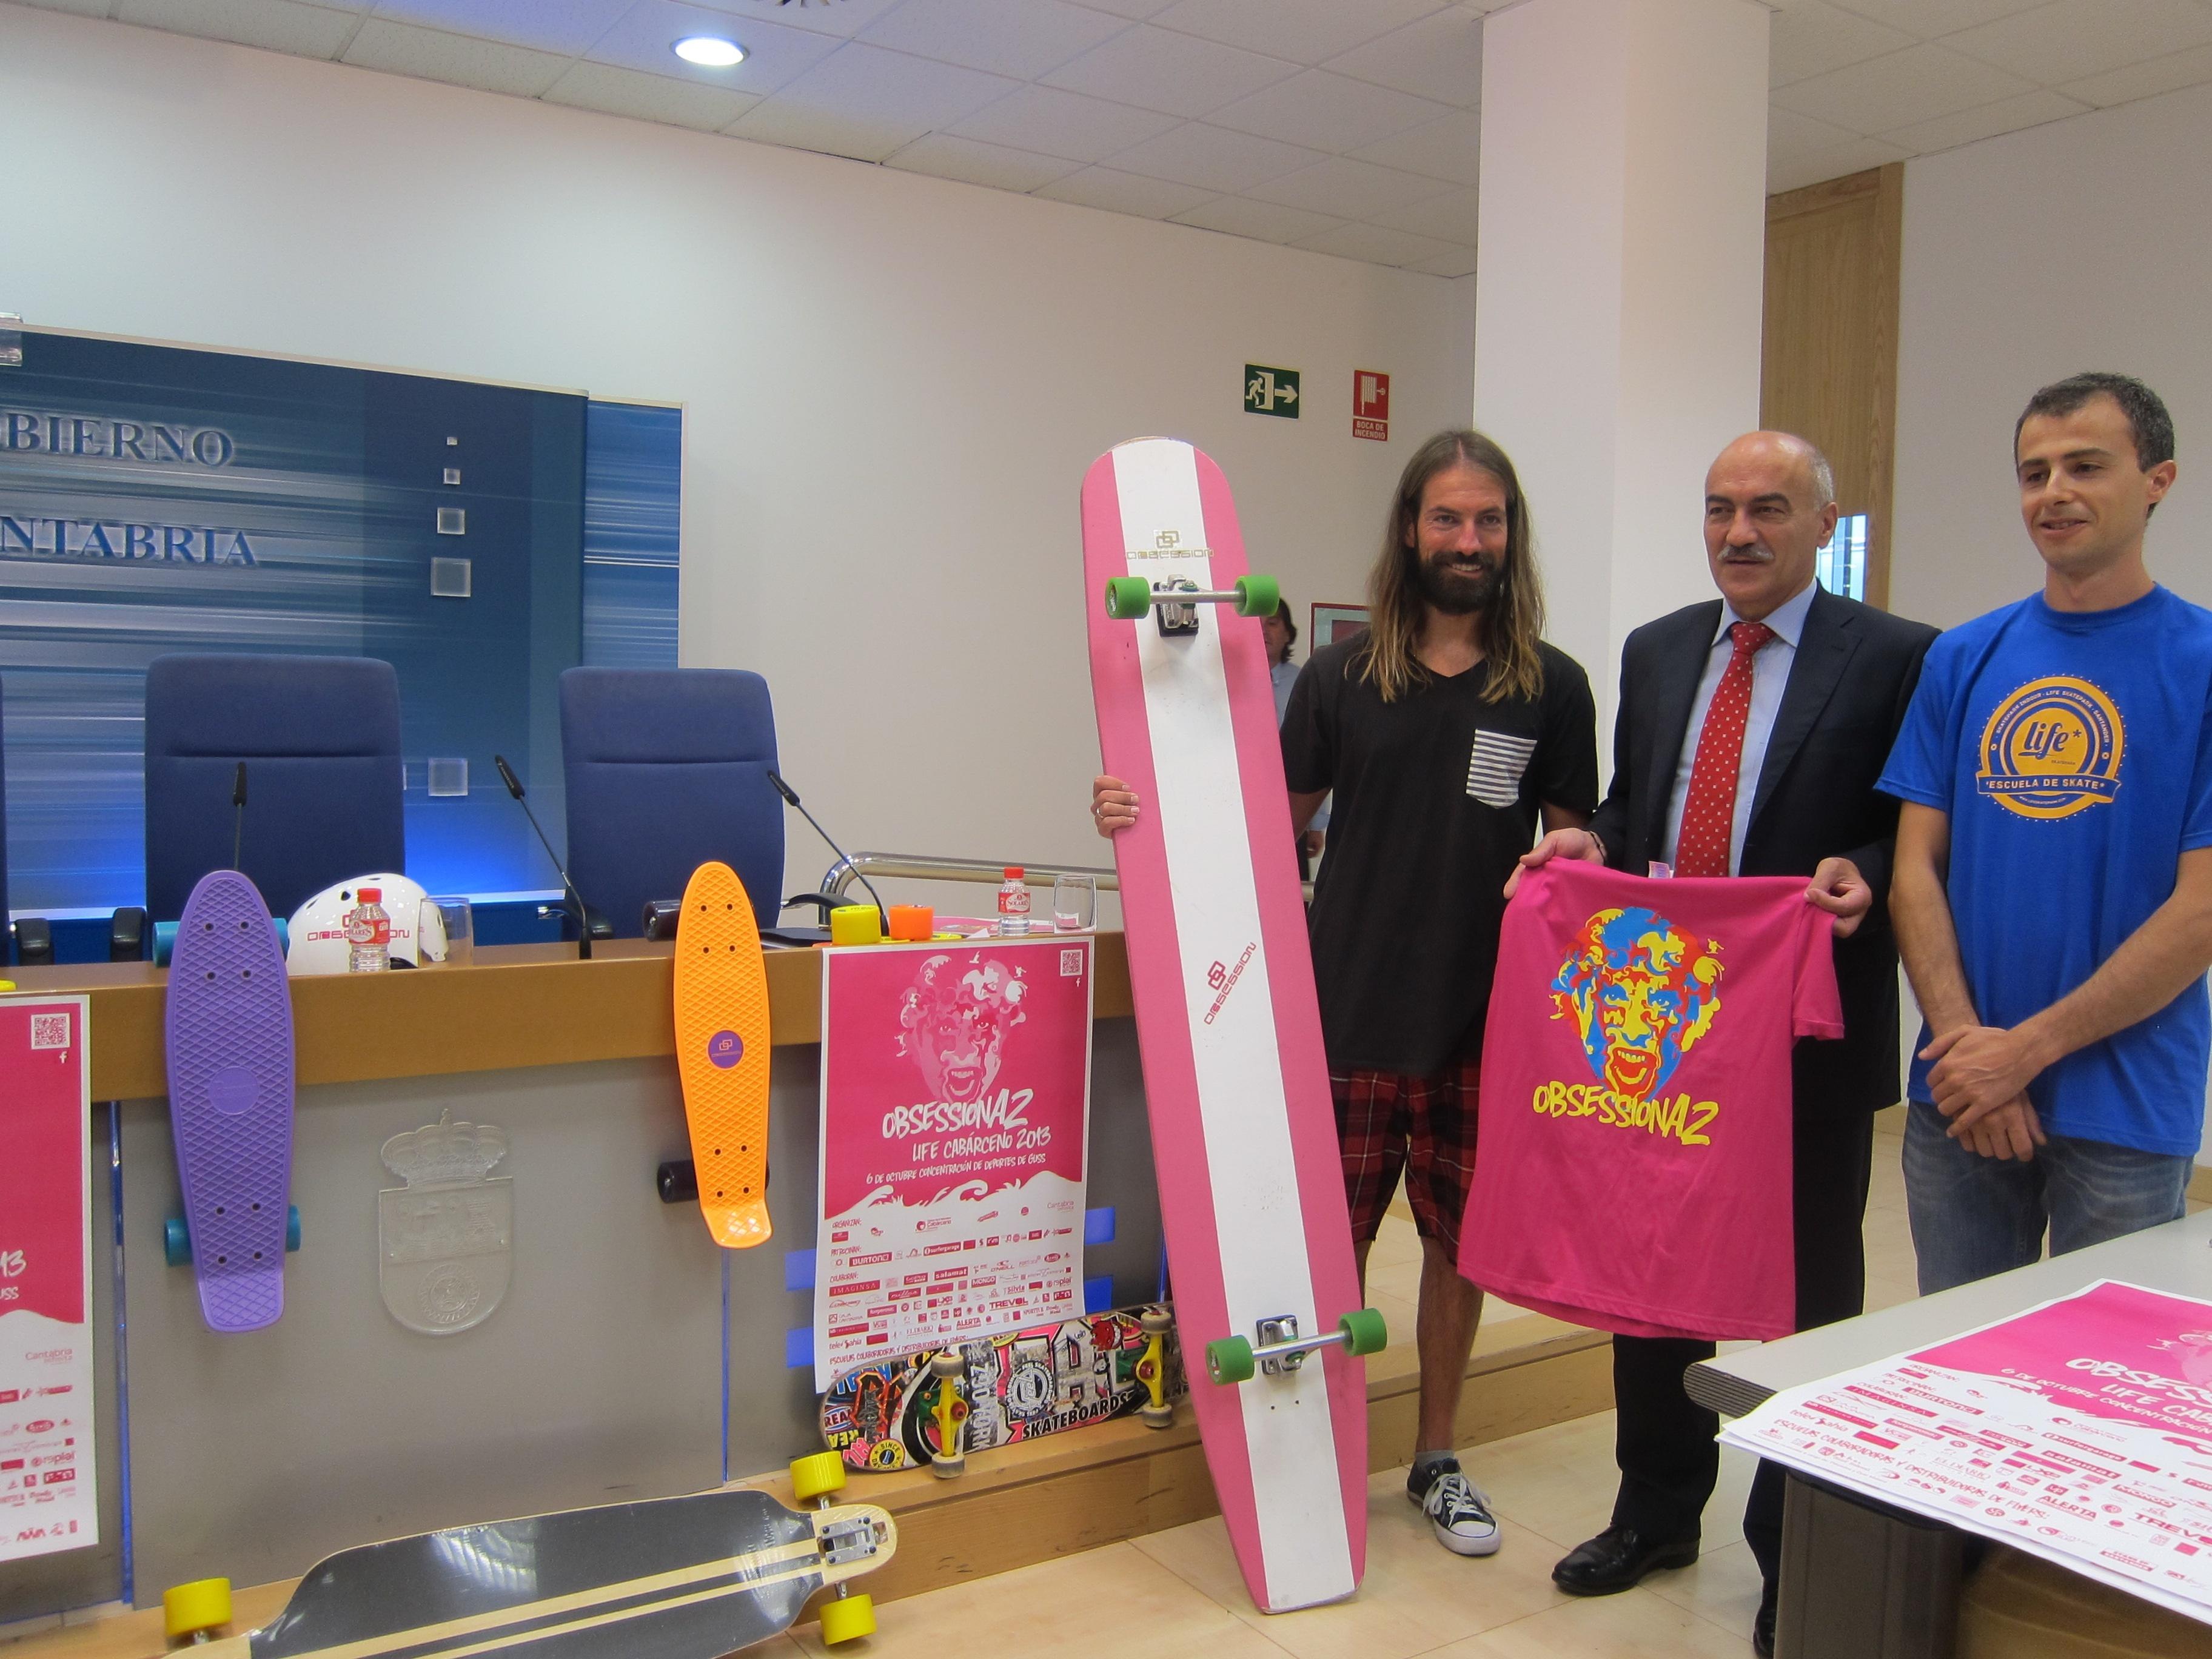 Cabárceno acogerá el próximo 6 de octubre una nueva edición de »Obsessiona2», con el skate como protagonista